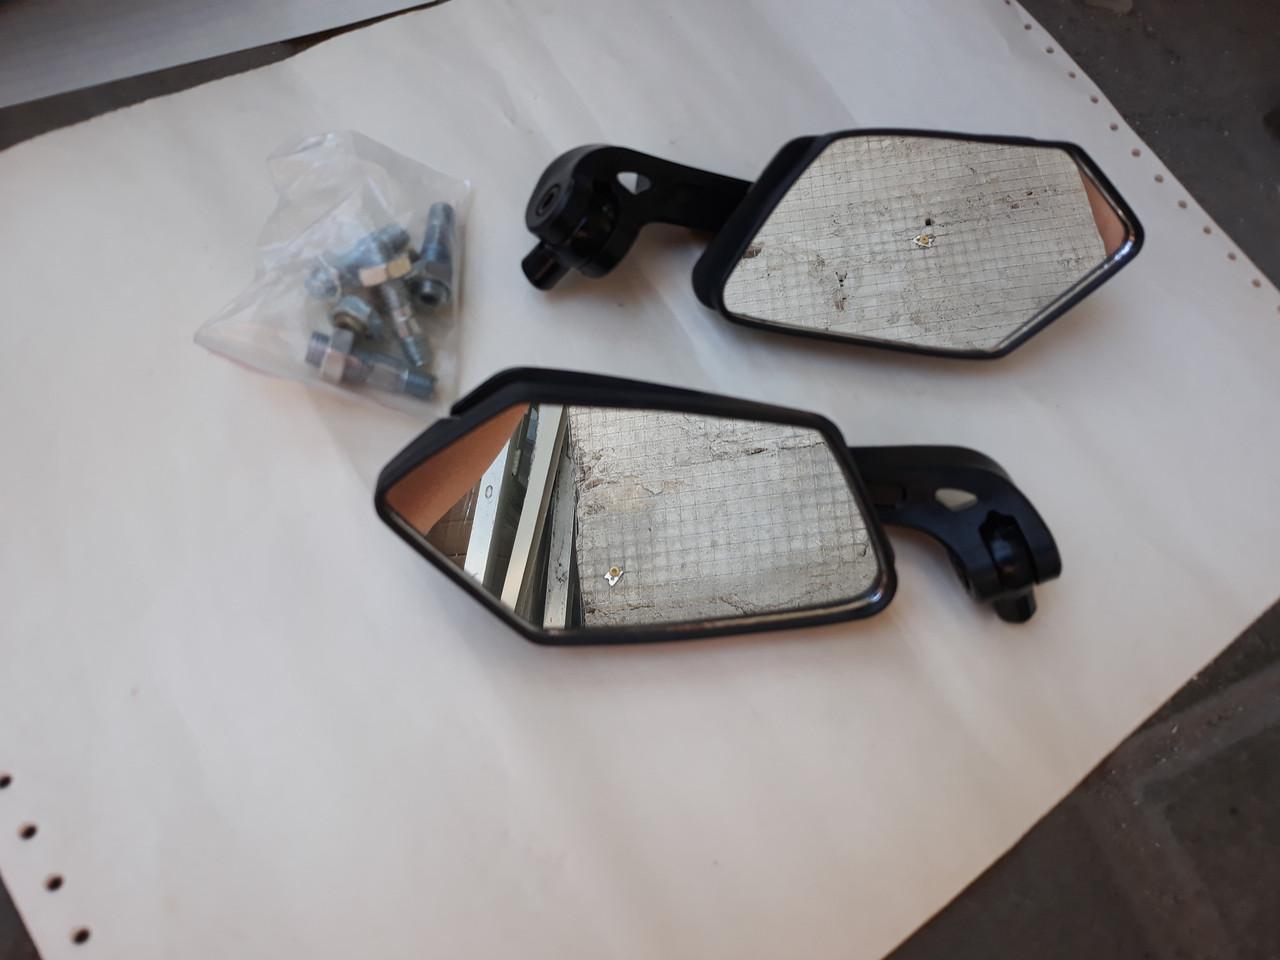 Зеркала Ø8/Ø10 многоугольные поворотные для скутера Honda Dio18